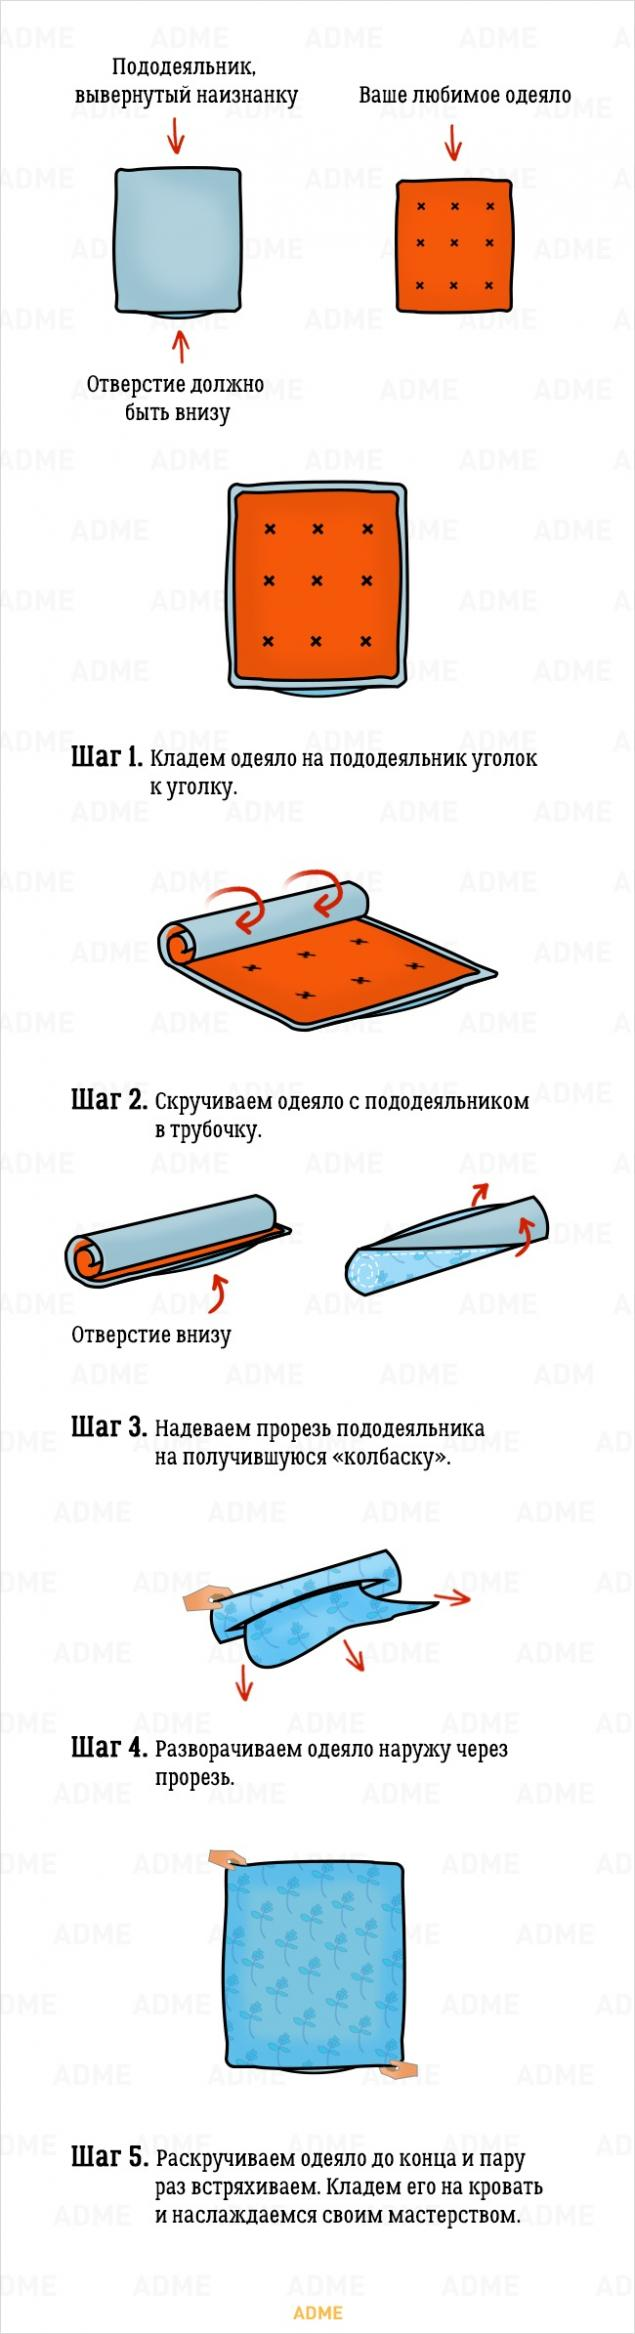 Пошаговая инструкция, как сшить пододеяльник с отверстием снизу